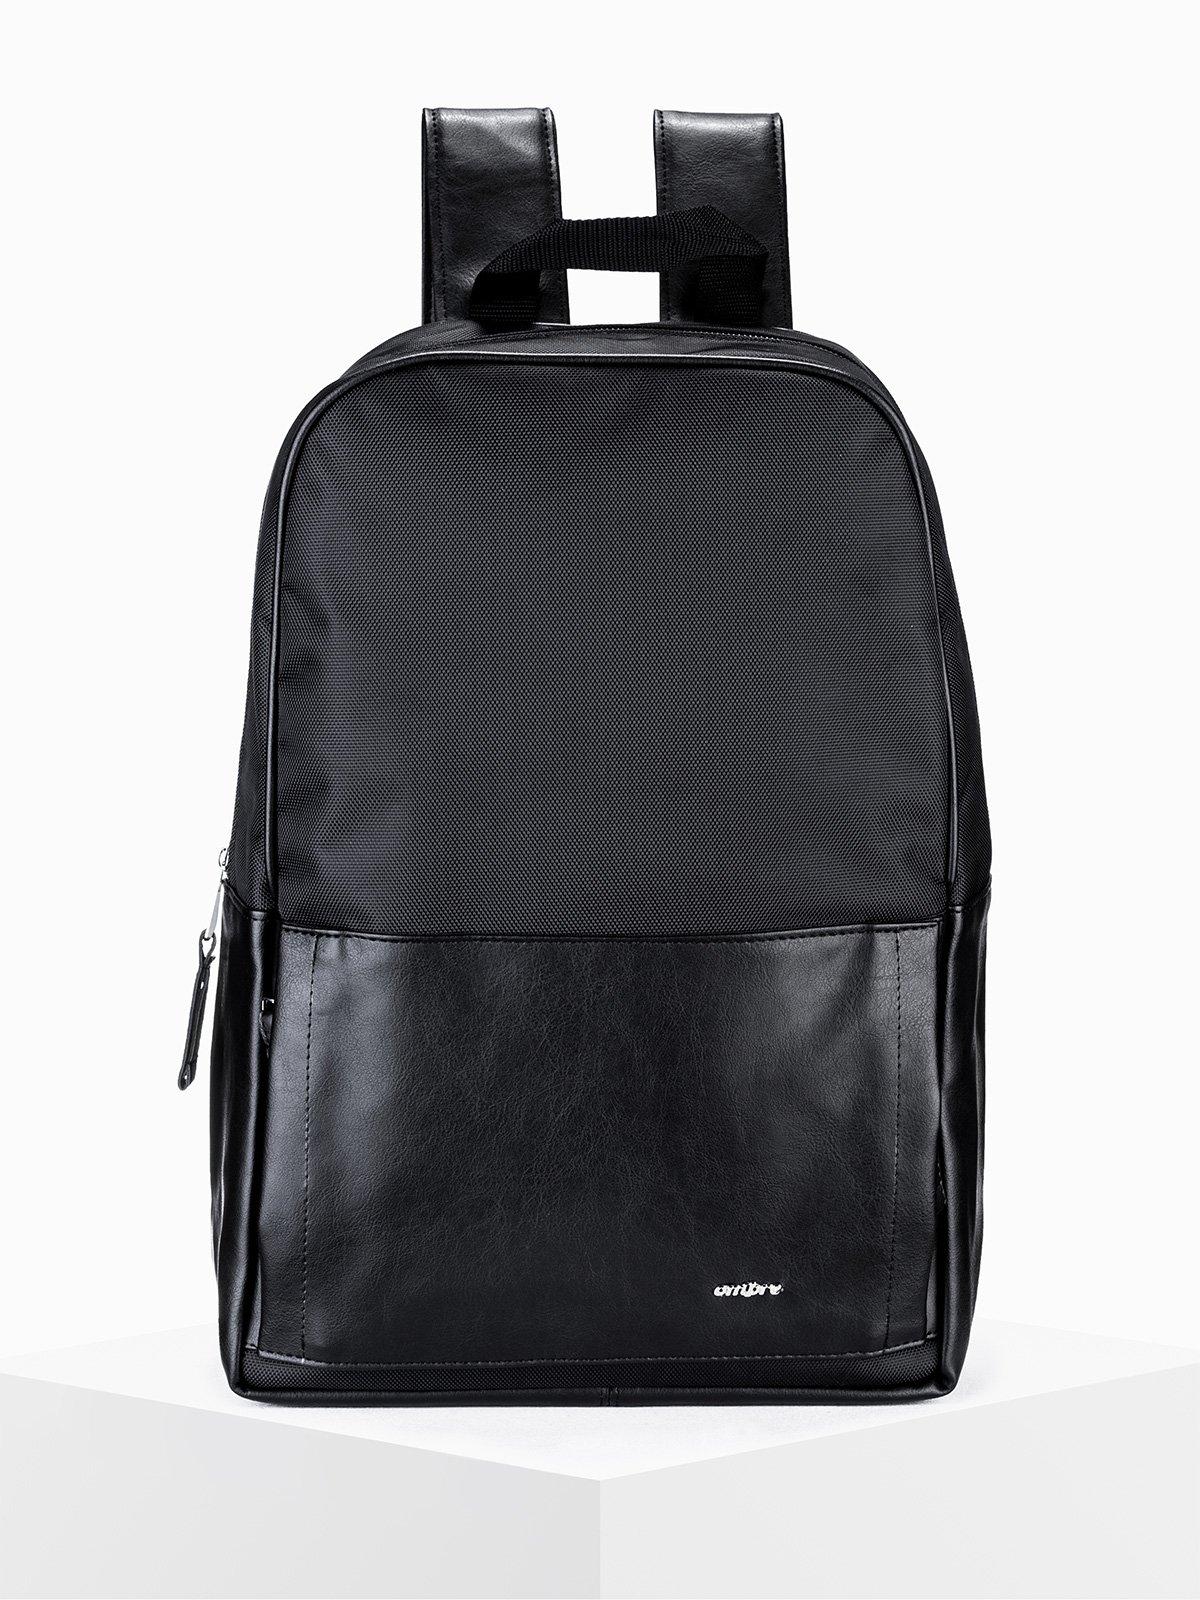 Купить со скидкой Рюкзак чоловічий A026 - чорний